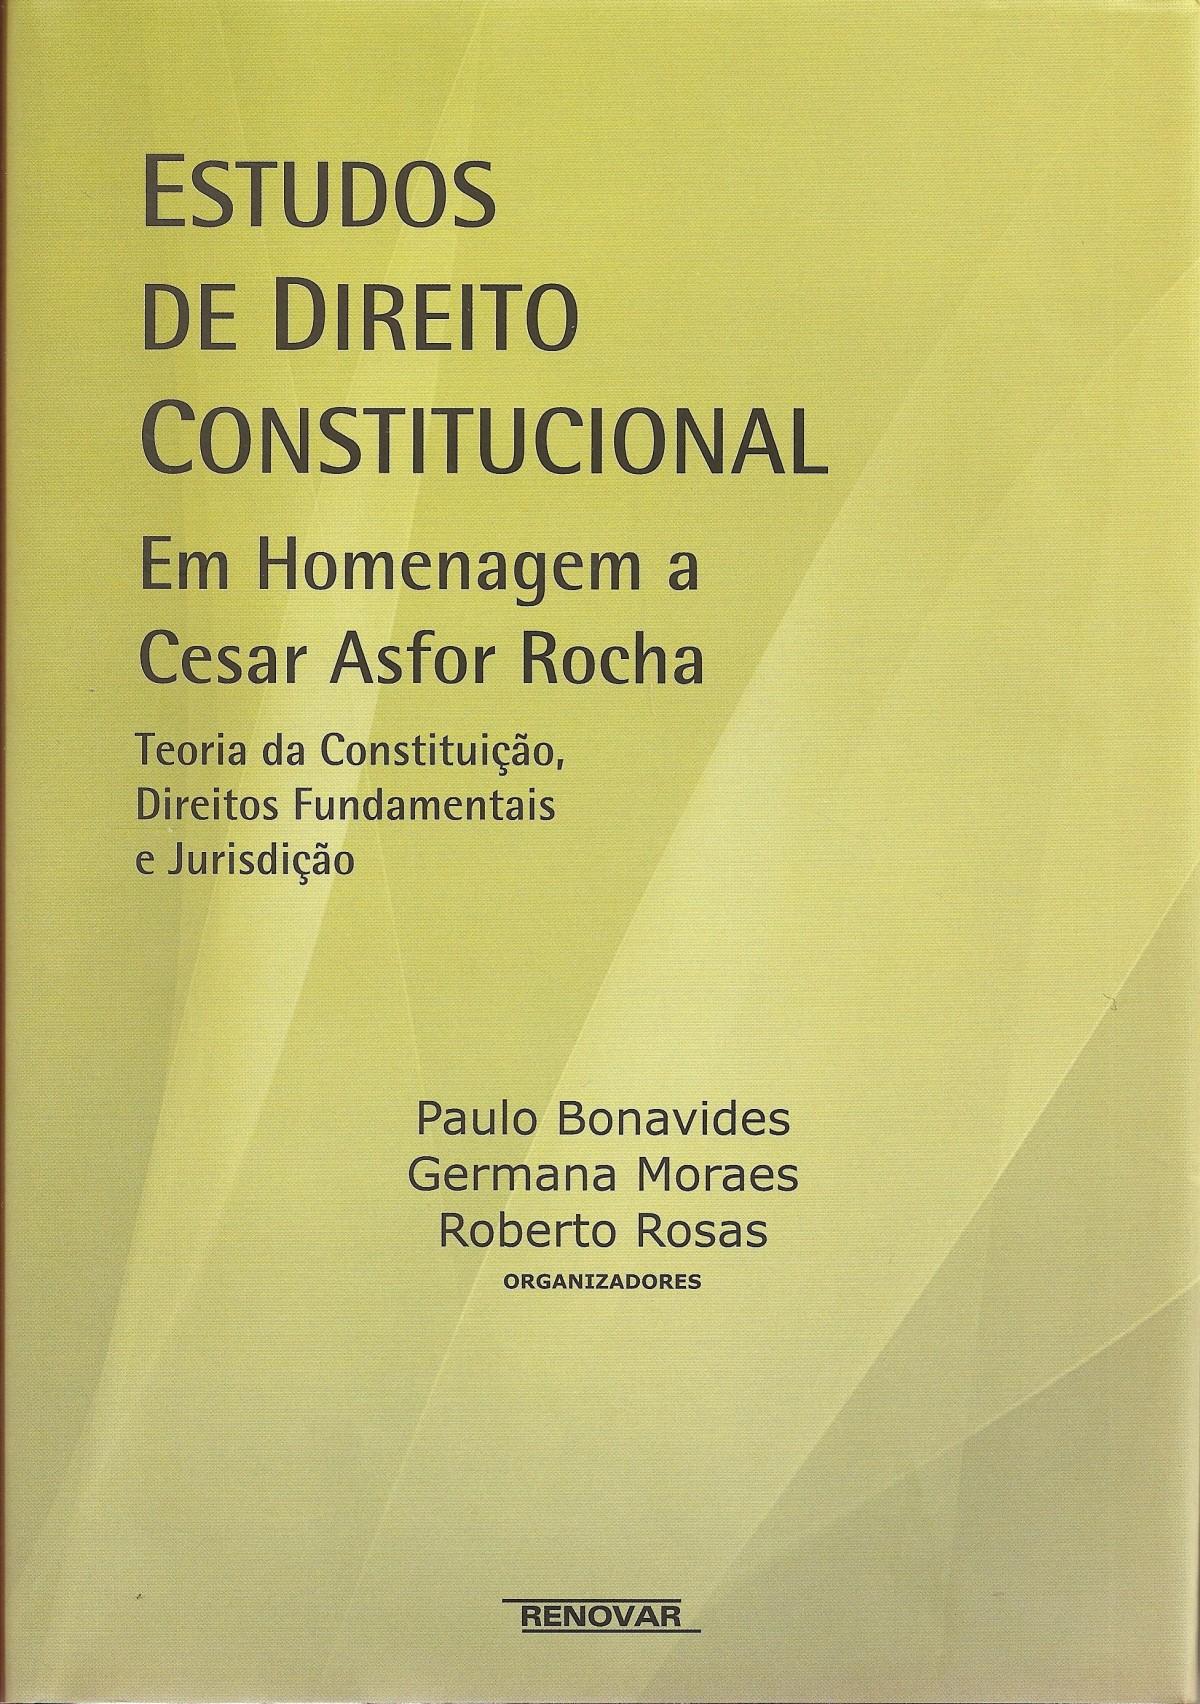 Foto 1 - Estudos de Direito Constitucional em Homenagem a Cesar Asfor Rocha